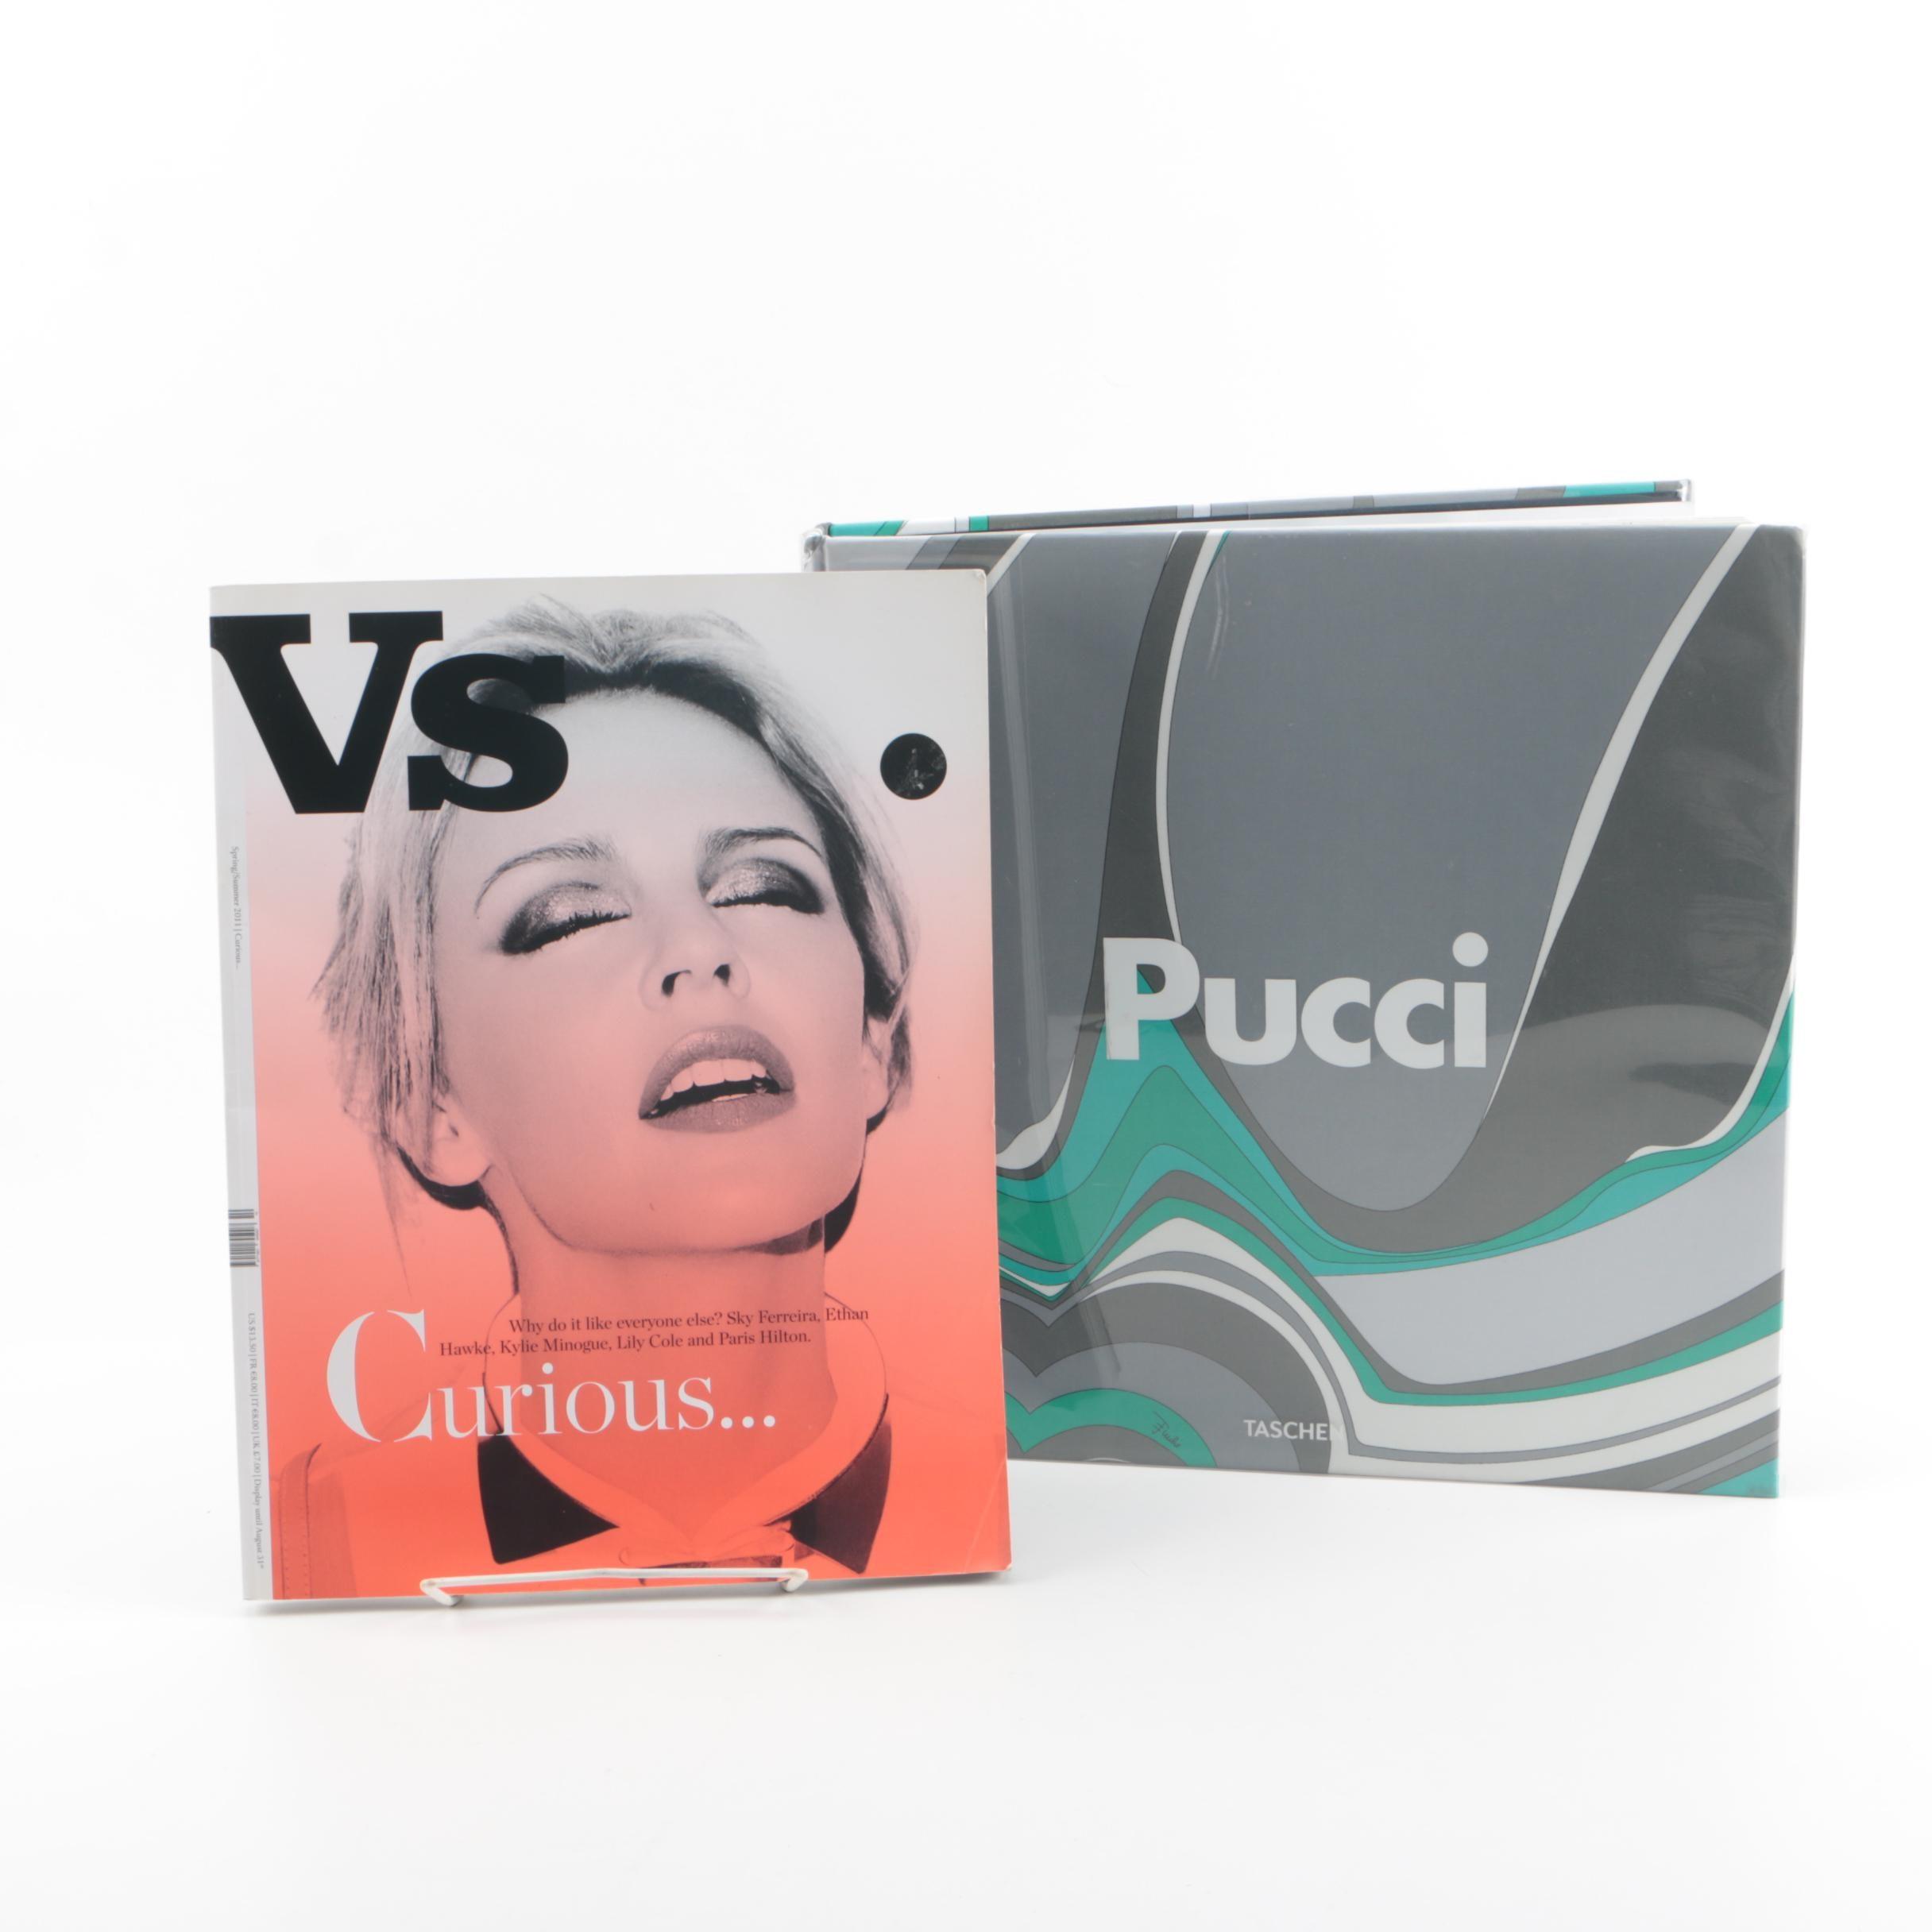 """2010 """"Emilio Pucci"""" Book with 2011 """"Vs."""" Magazine Issue"""